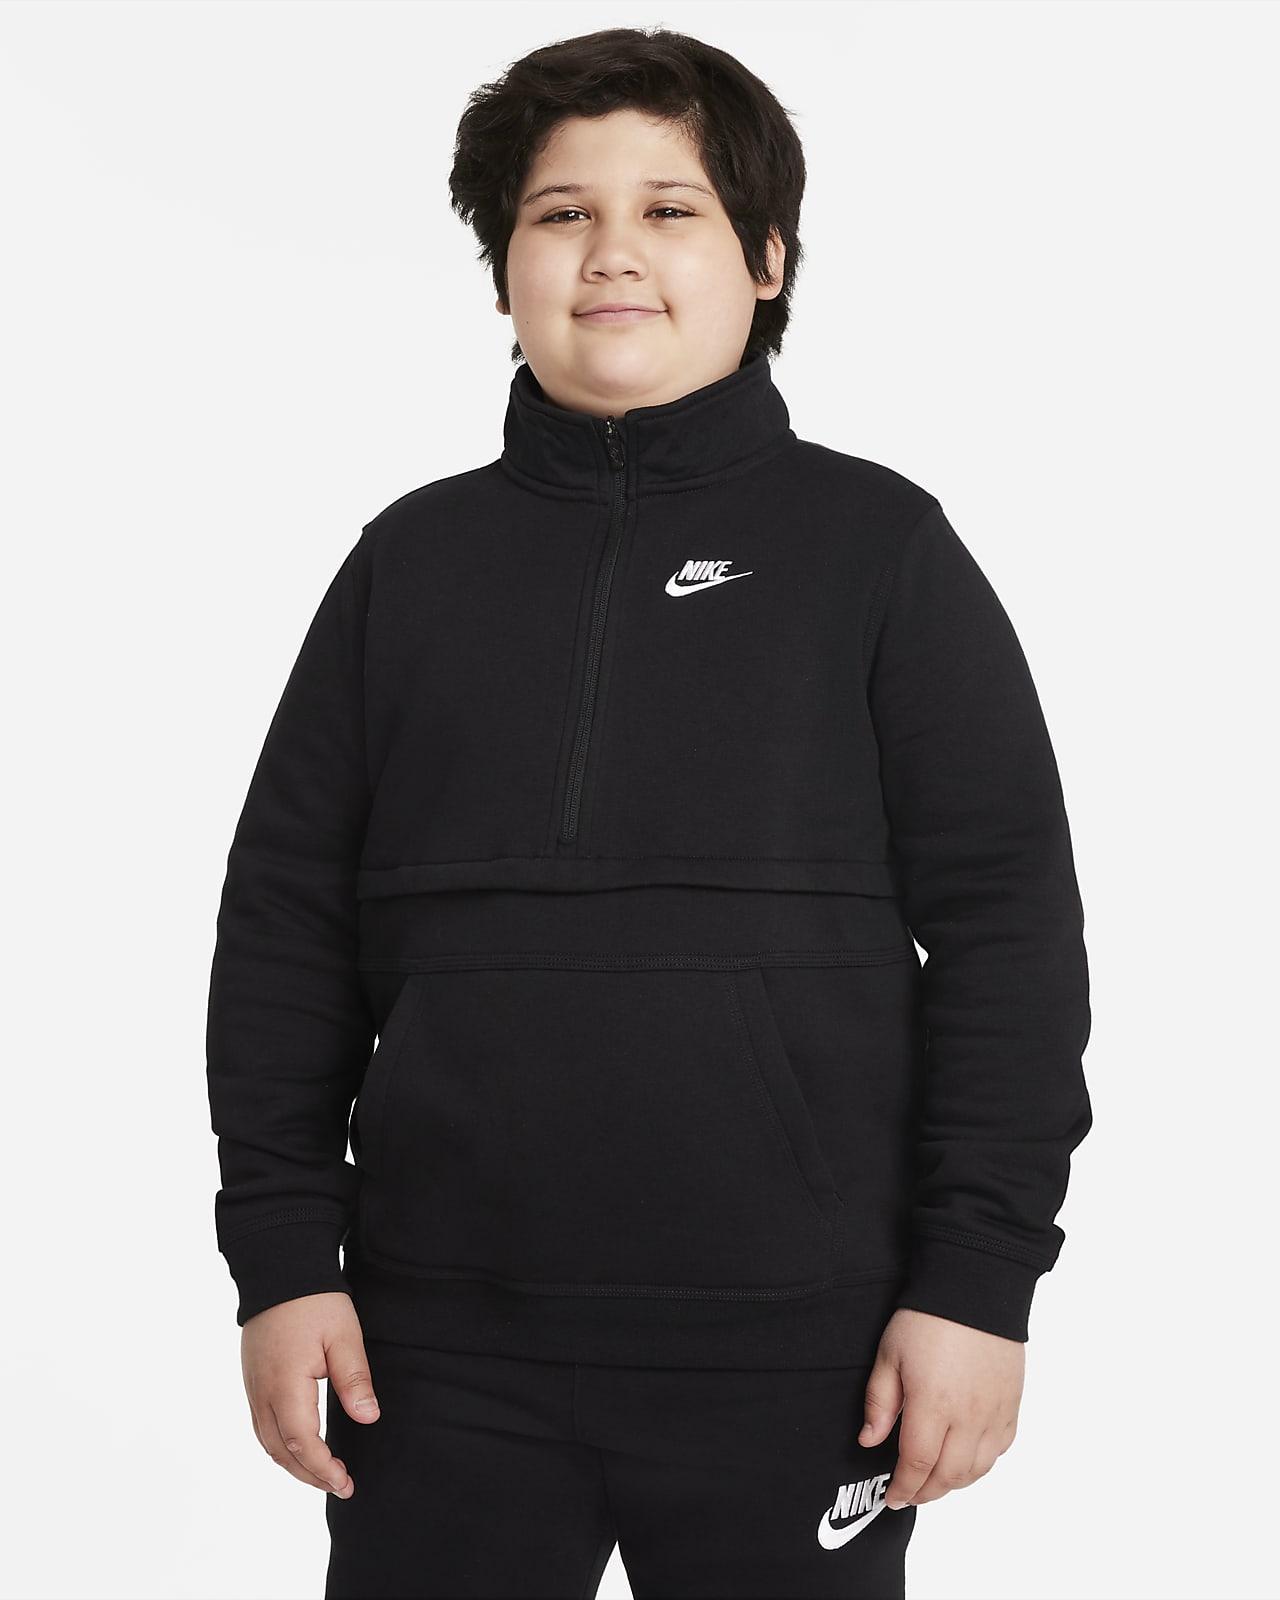 Nike Sportswear Club Oberteil mit Halbreißverschluss für ältere Kinder (Jungen) (erweiterte Größe)